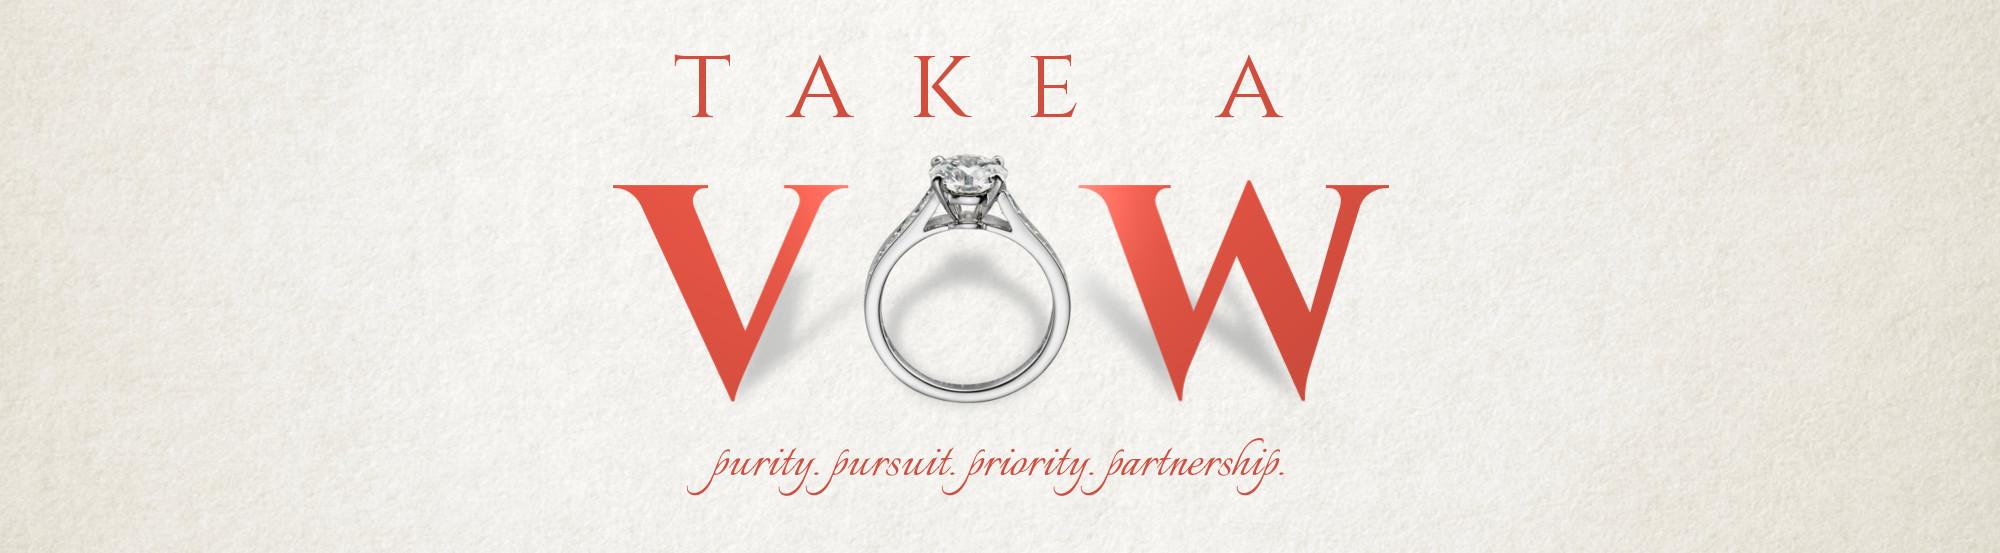 TakeAVow_web_banner